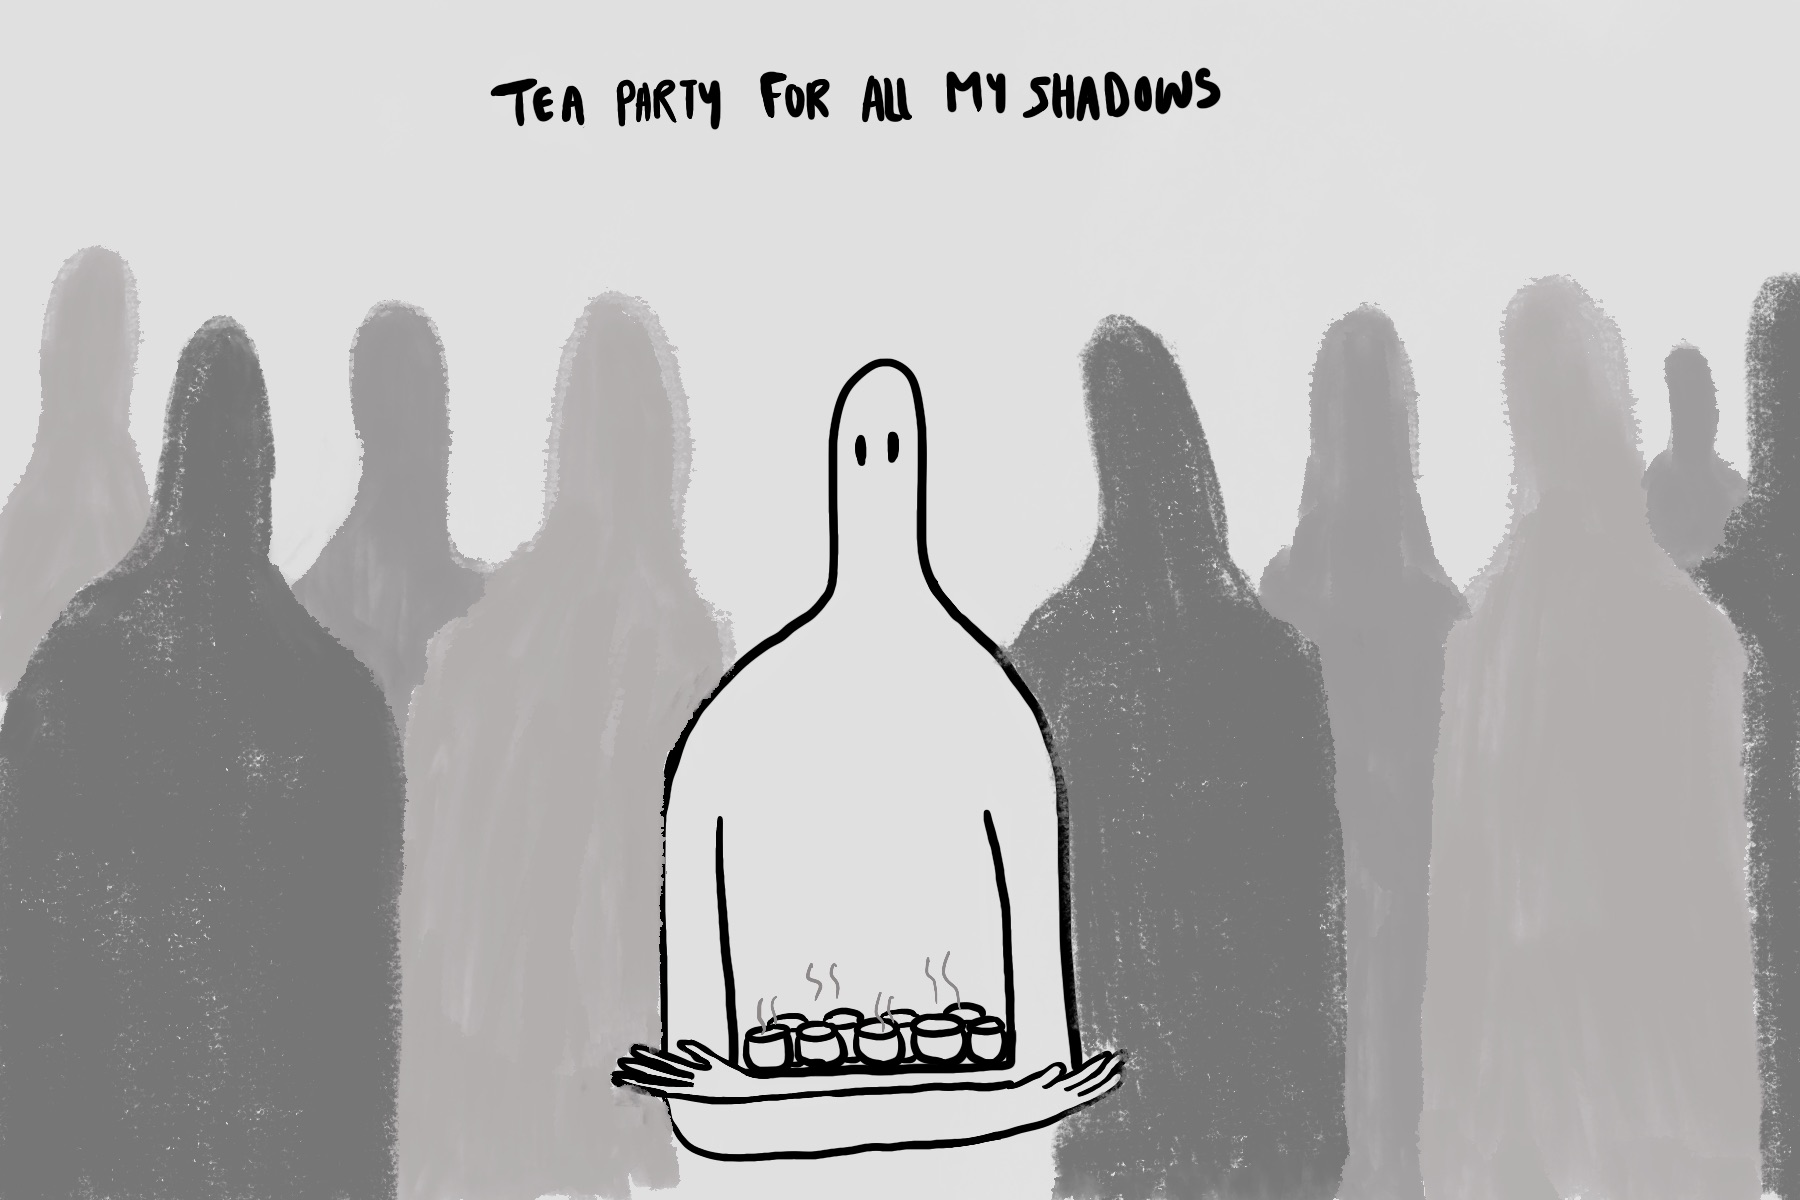 Tea party for all my shadows © Rana Ashraf